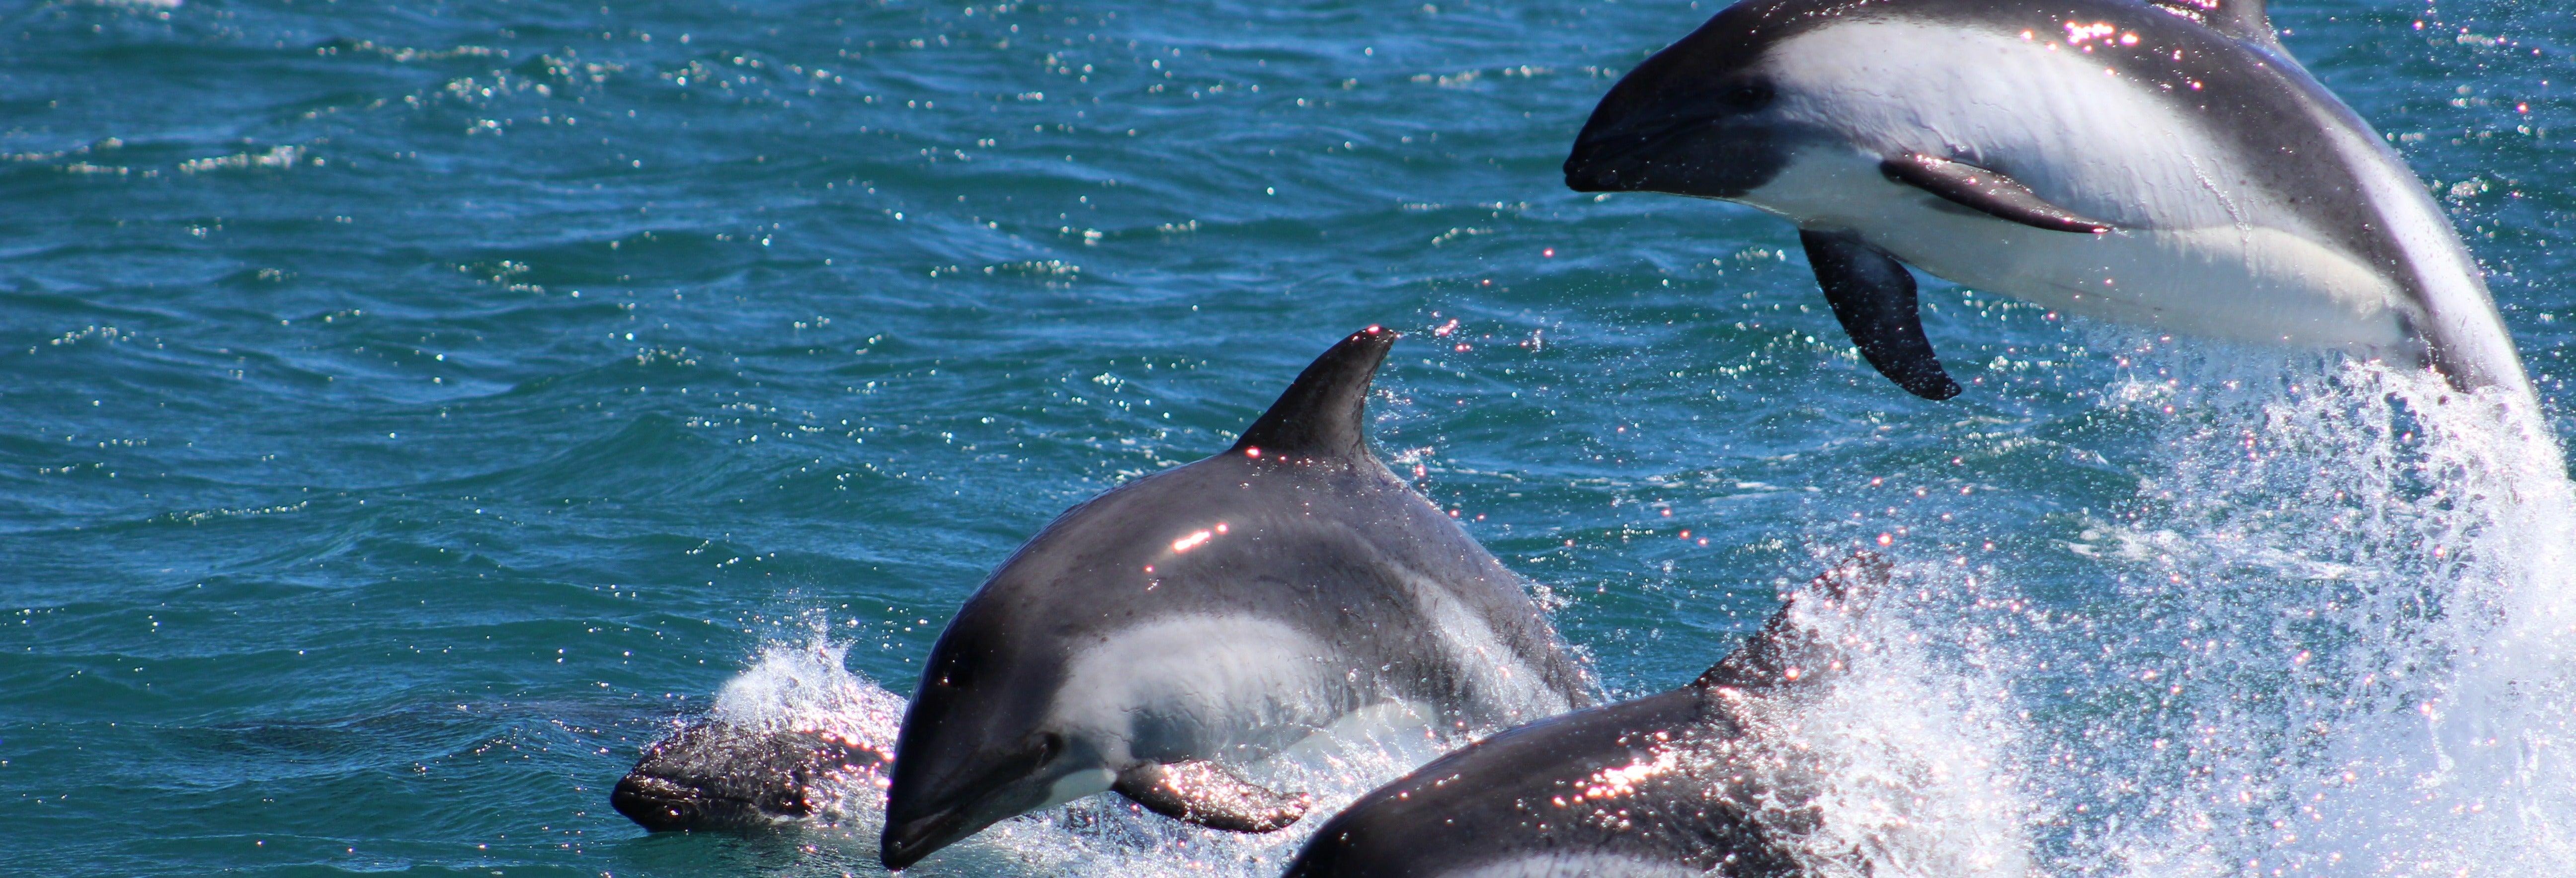 Paseo en barco con avistamiento de pingüinos y delfines